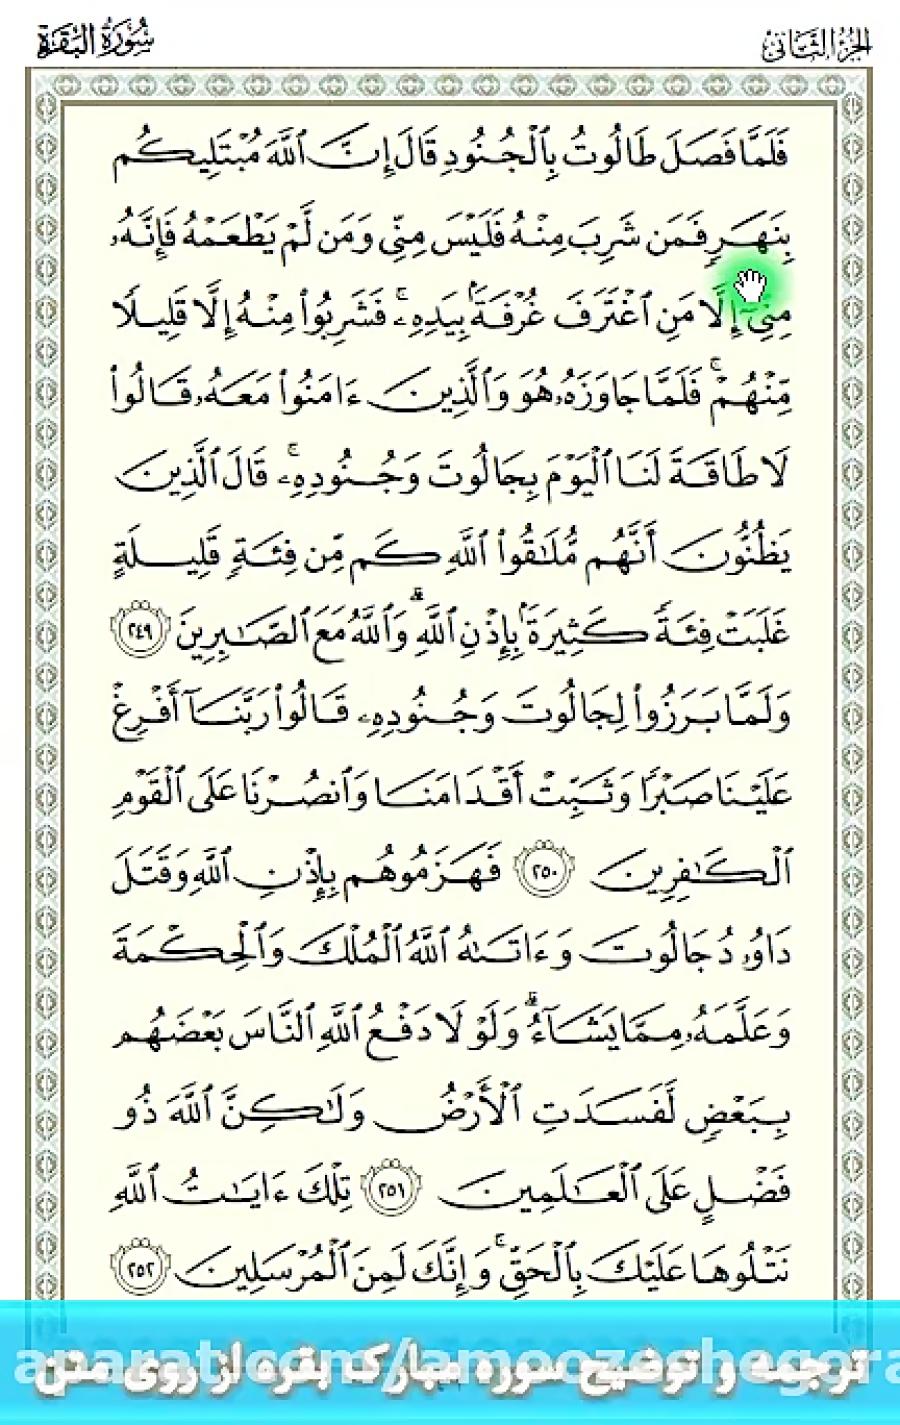 آموزش تصویری ترجمه و تدبر و تفسیر قرآن - سوره بقره - آیه 249